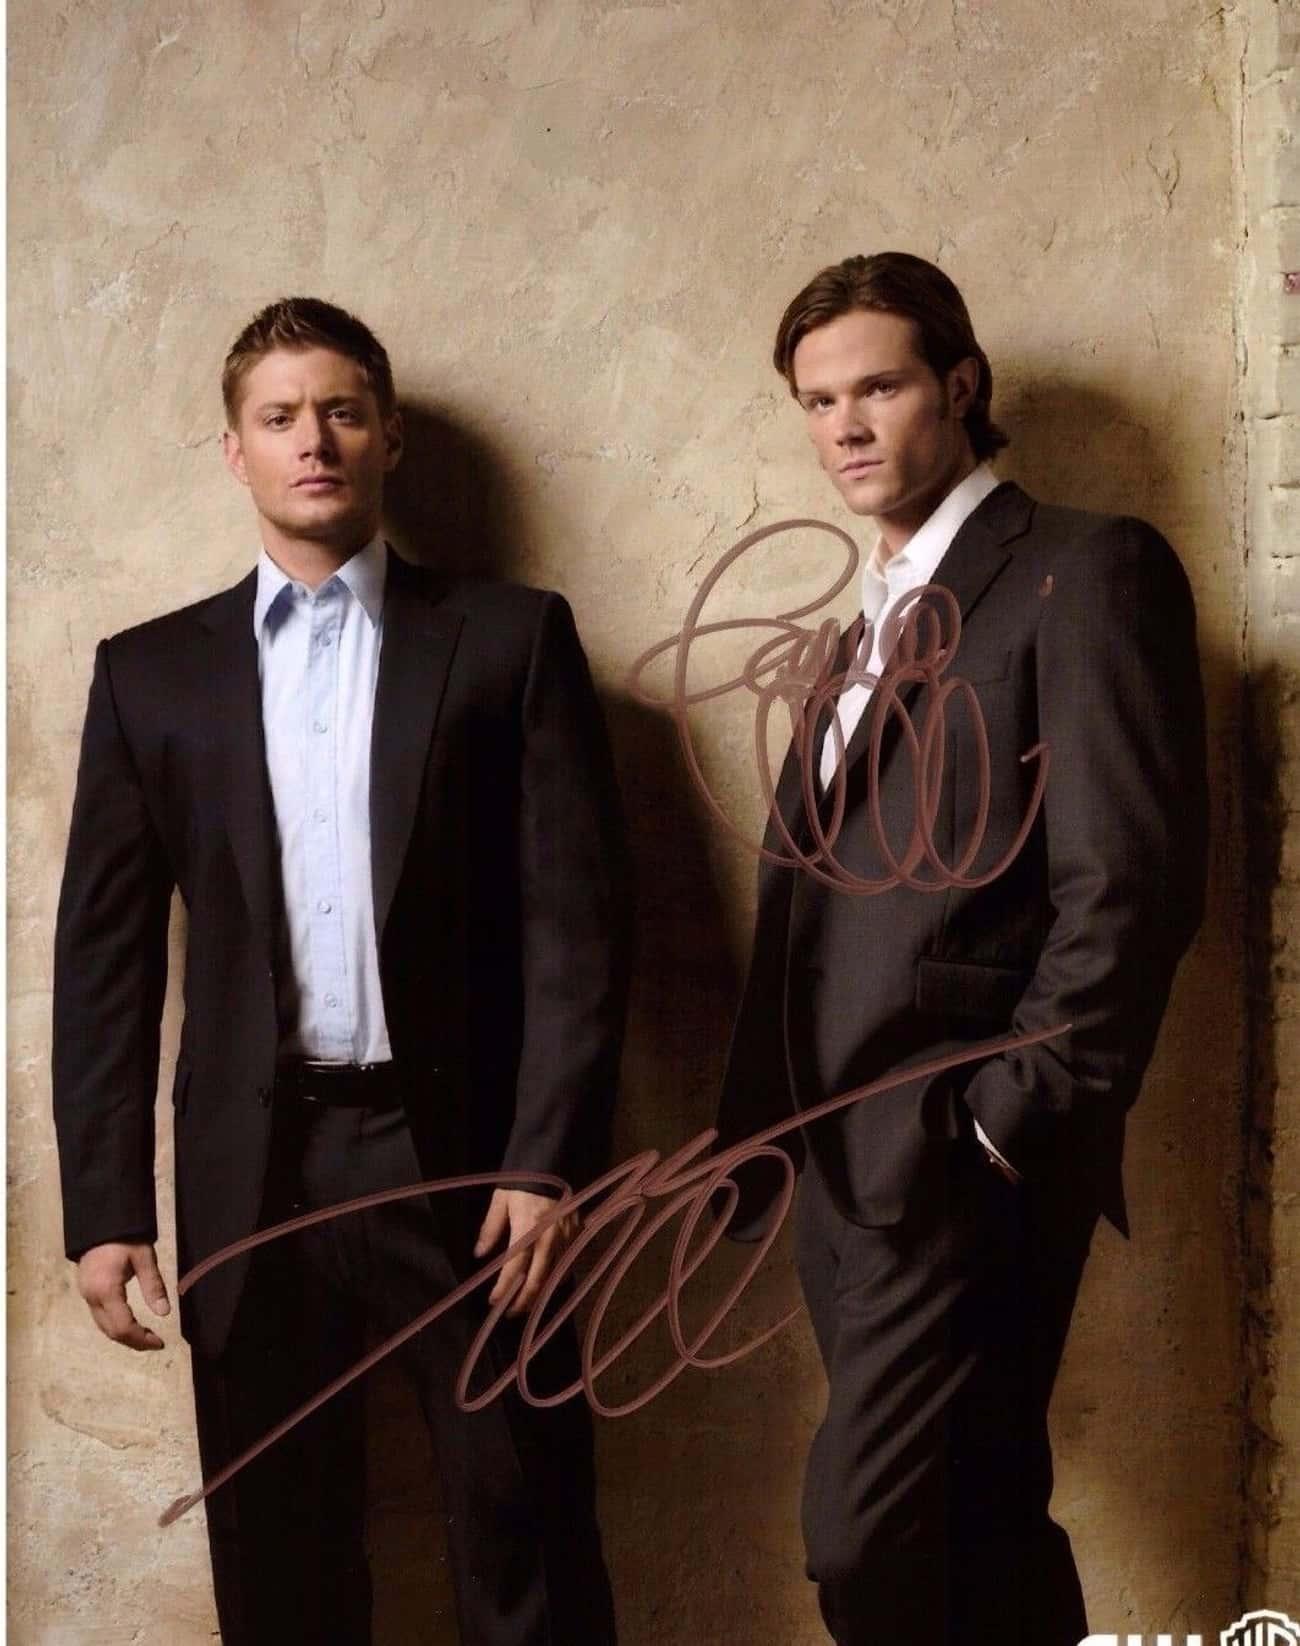 Supernatural Cast Autographed Photo